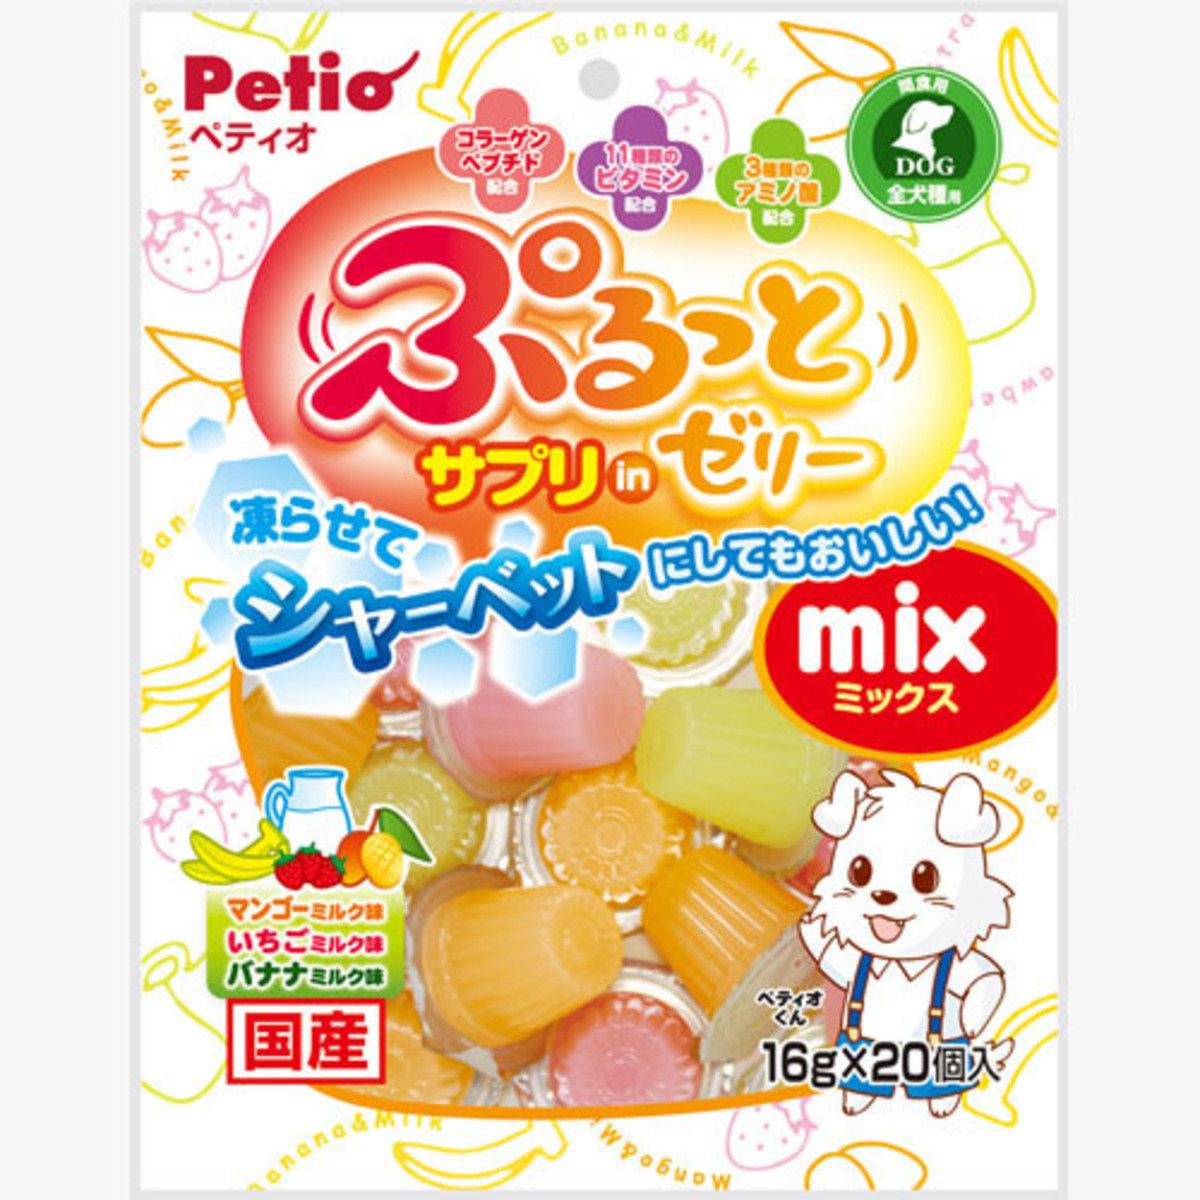 狗小食營養保健啫喱(W12228)